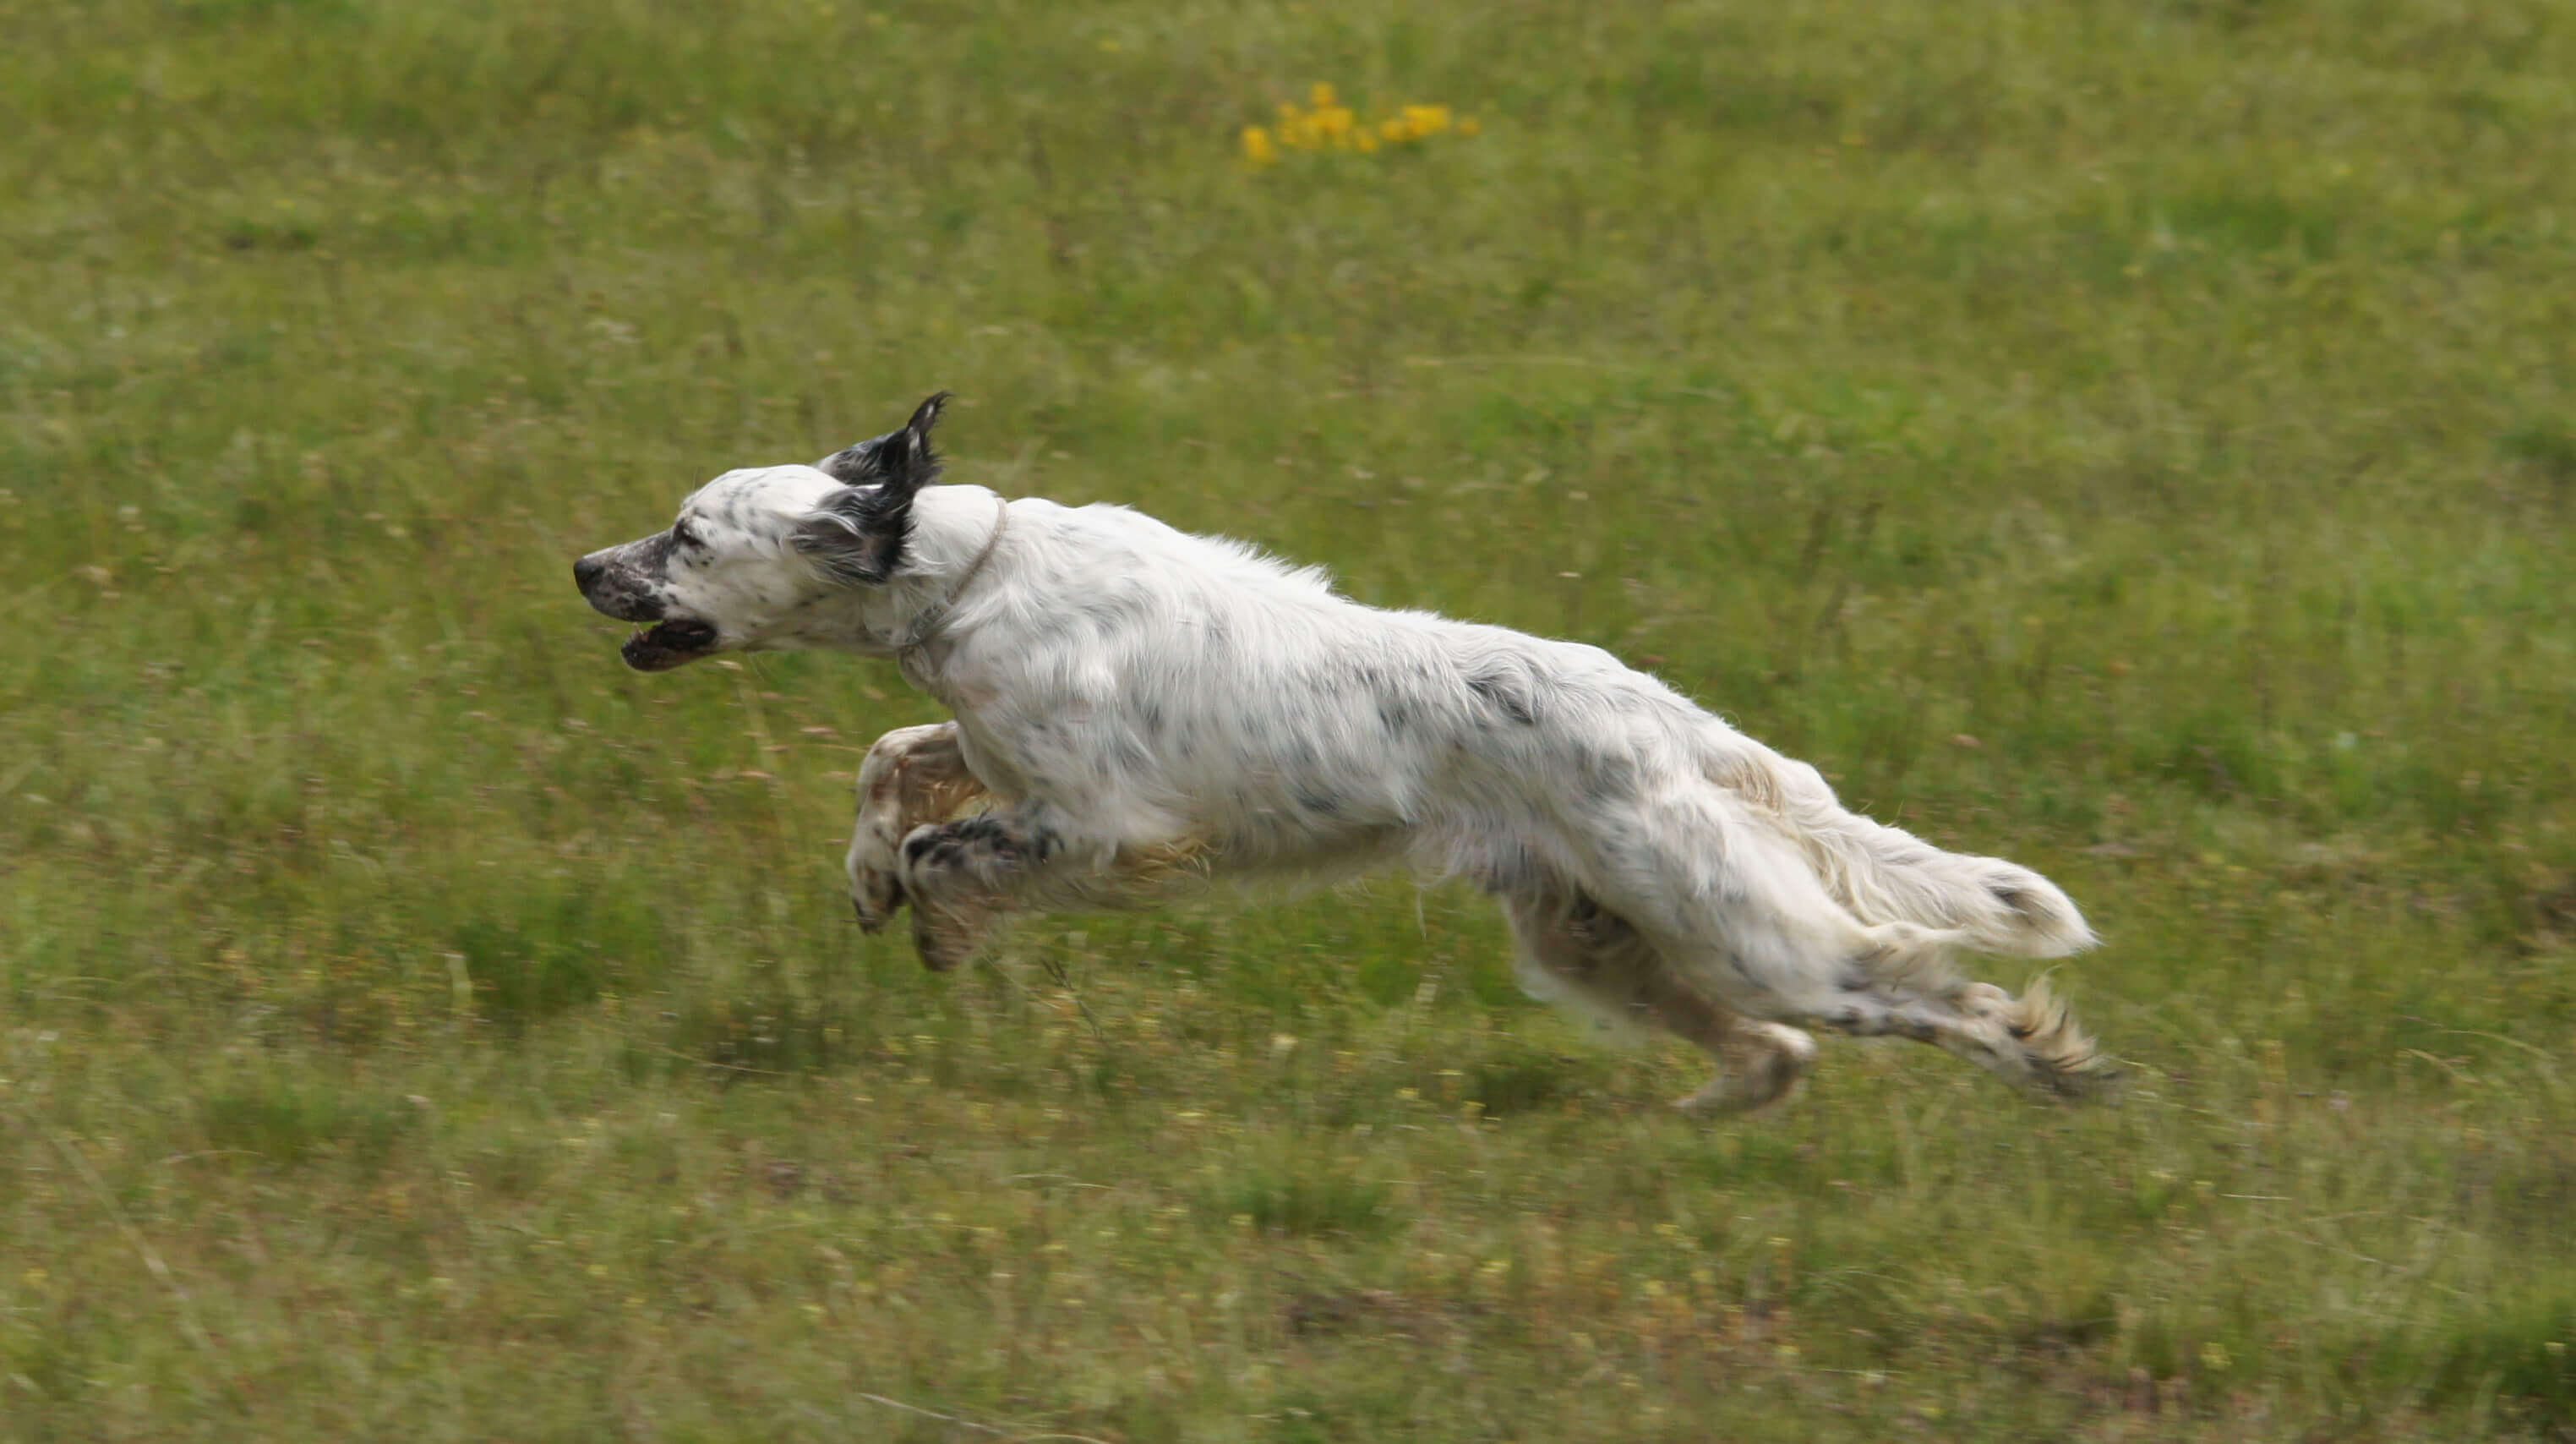 cane senza guinzaglio